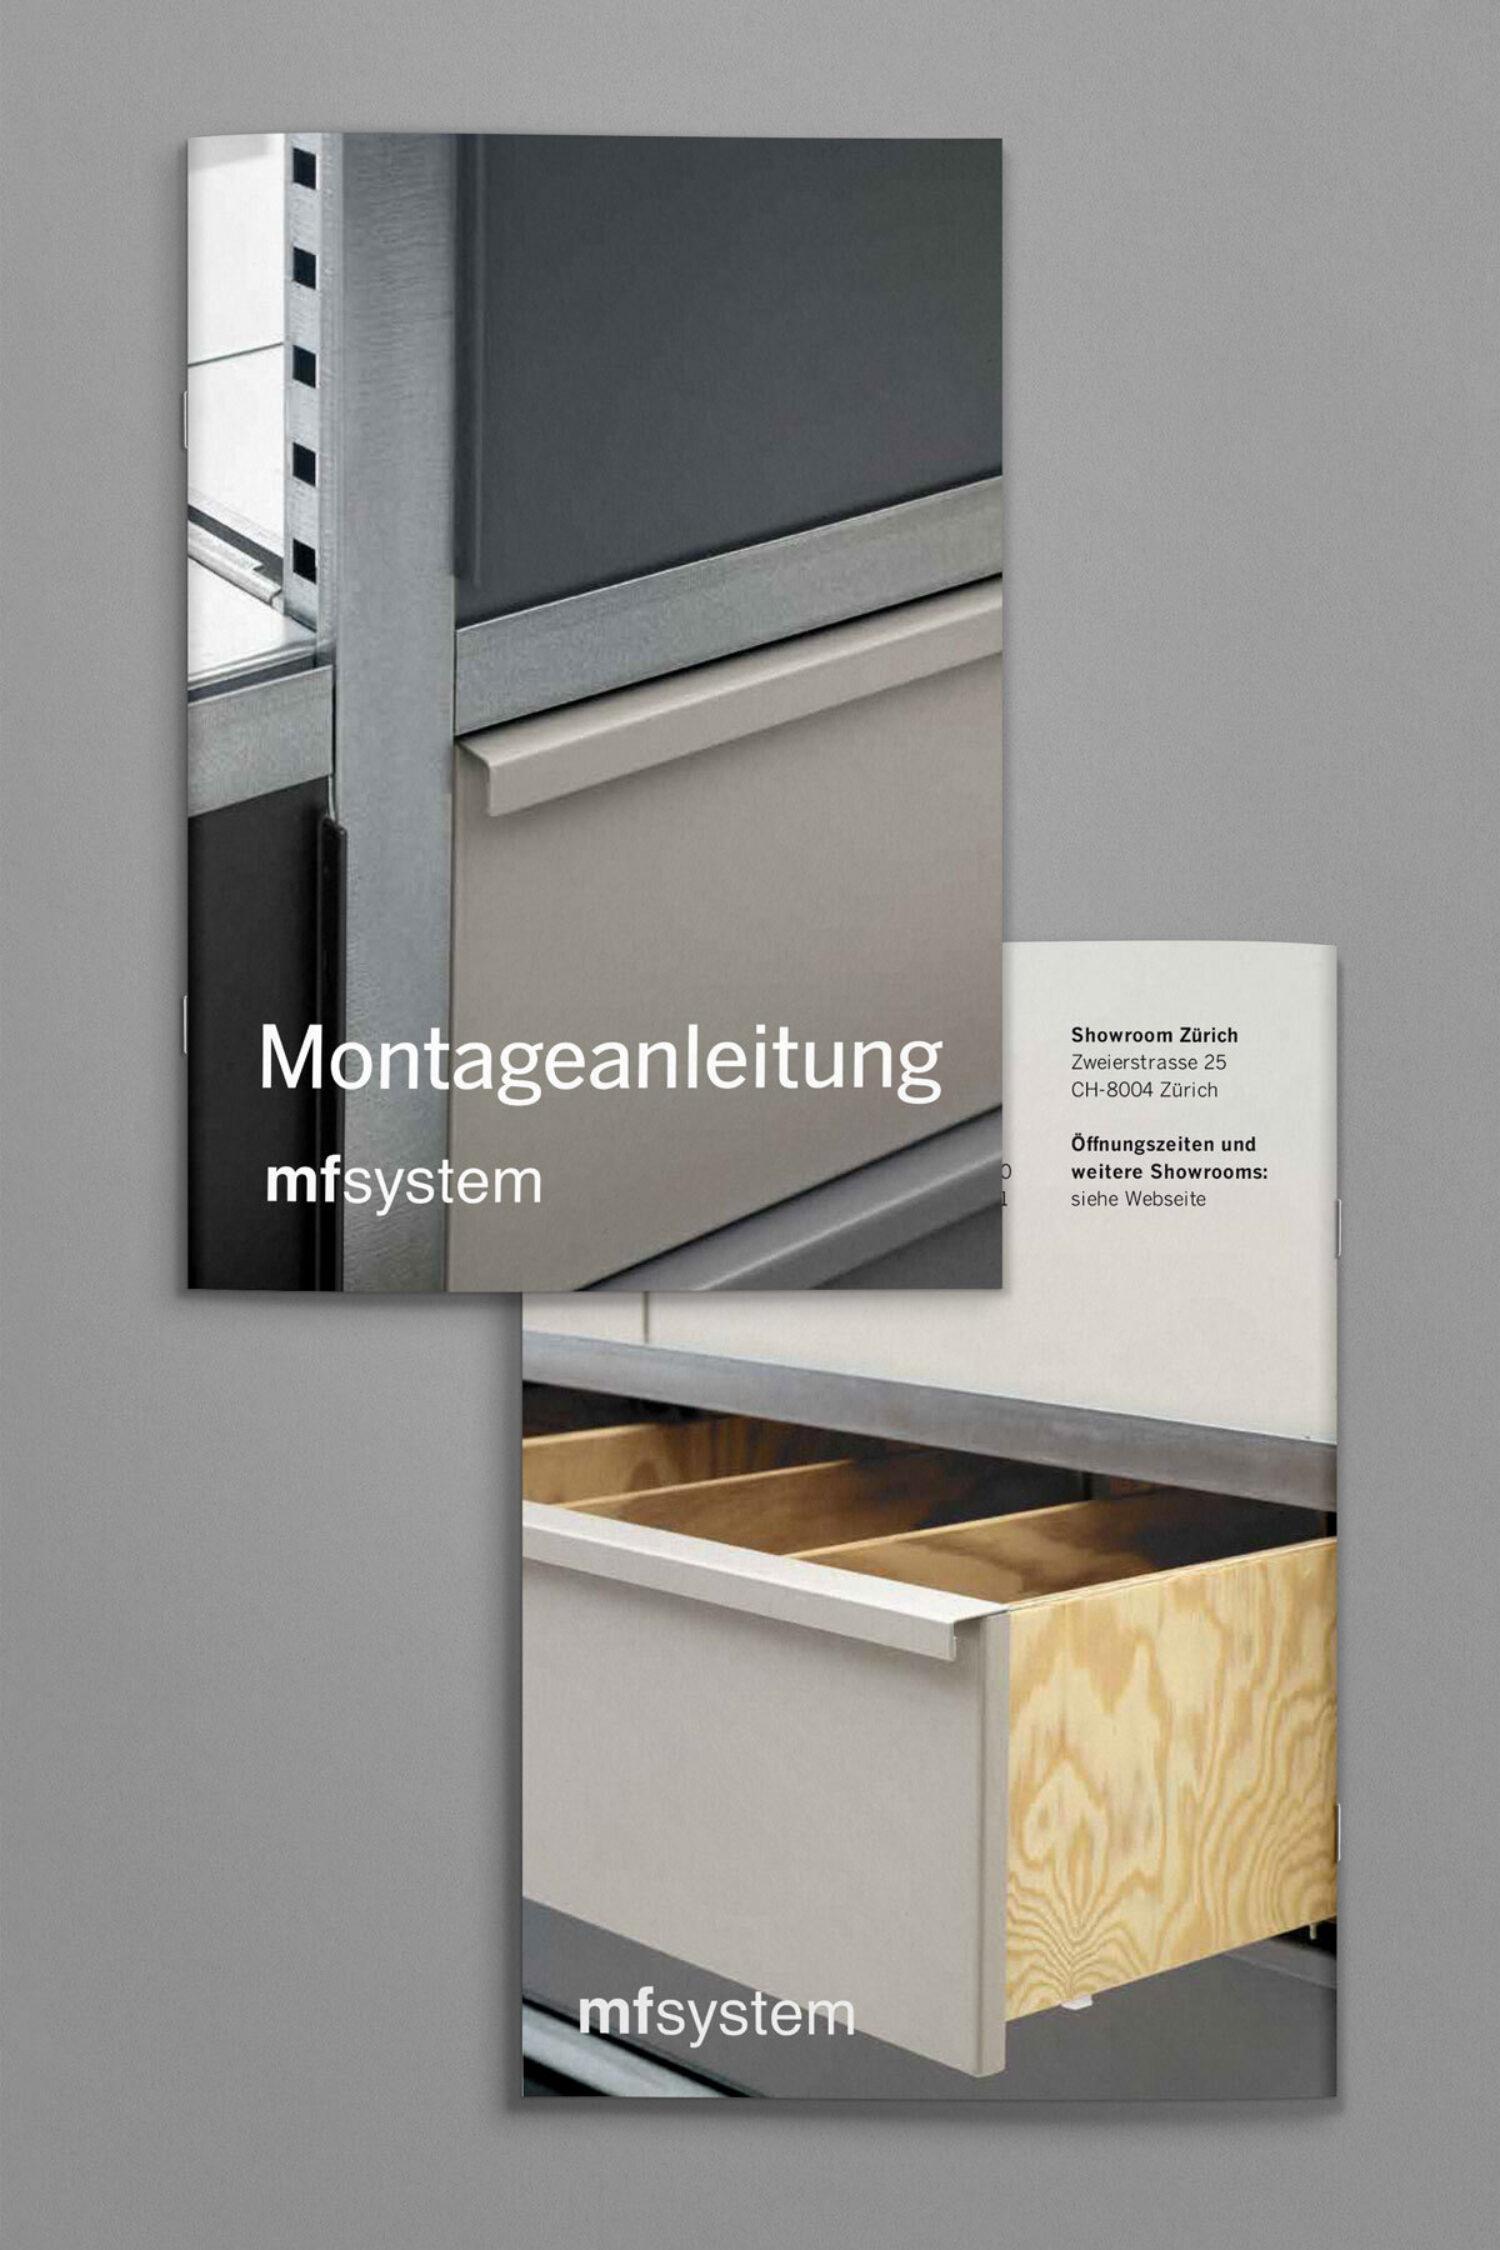 Schweizer Grafikmfsystem